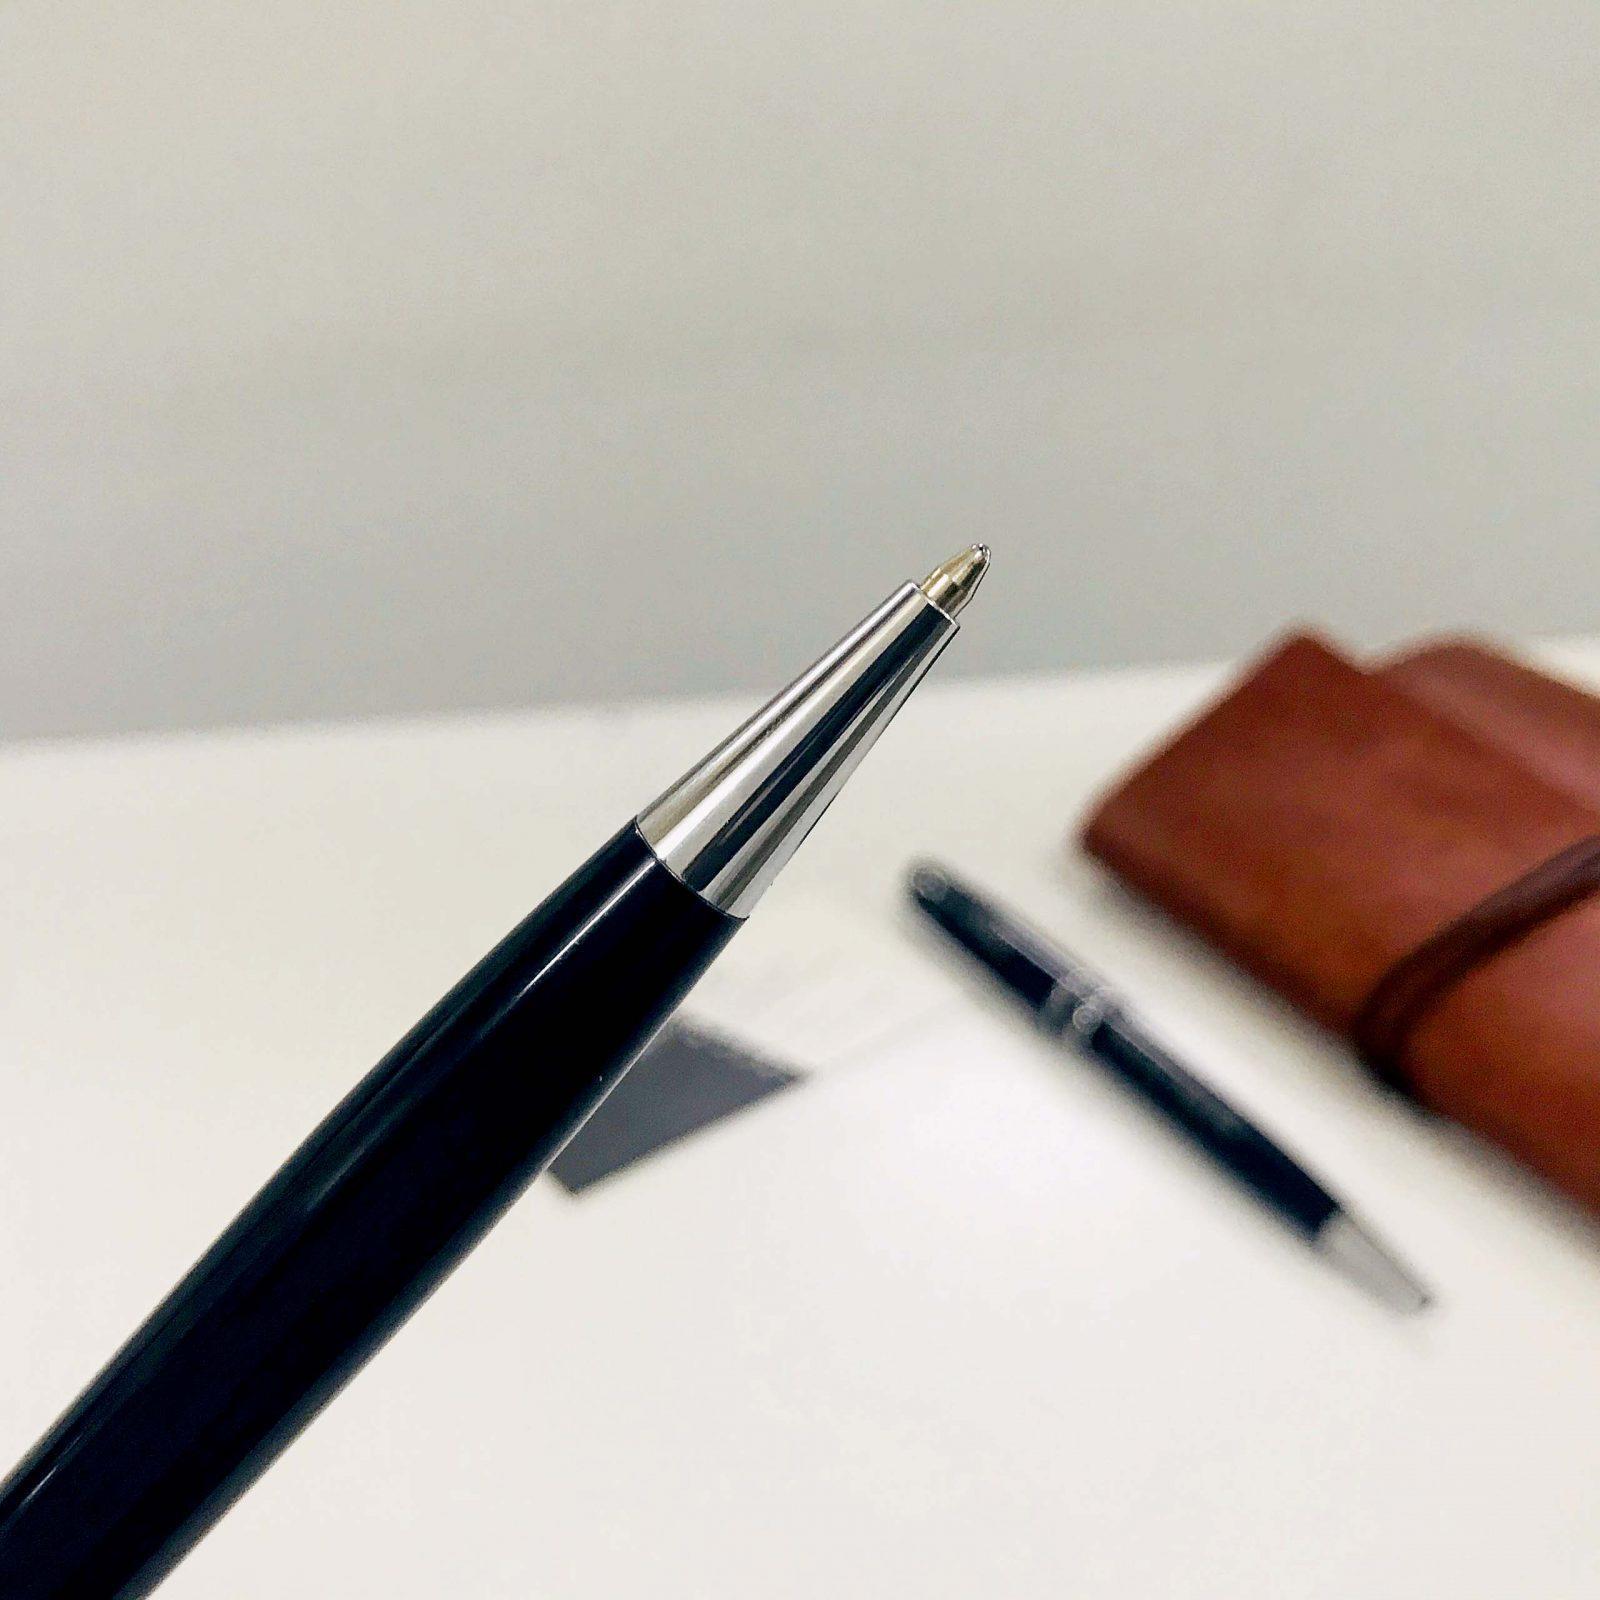 Phần thân bút được thiết kế đơn giản.